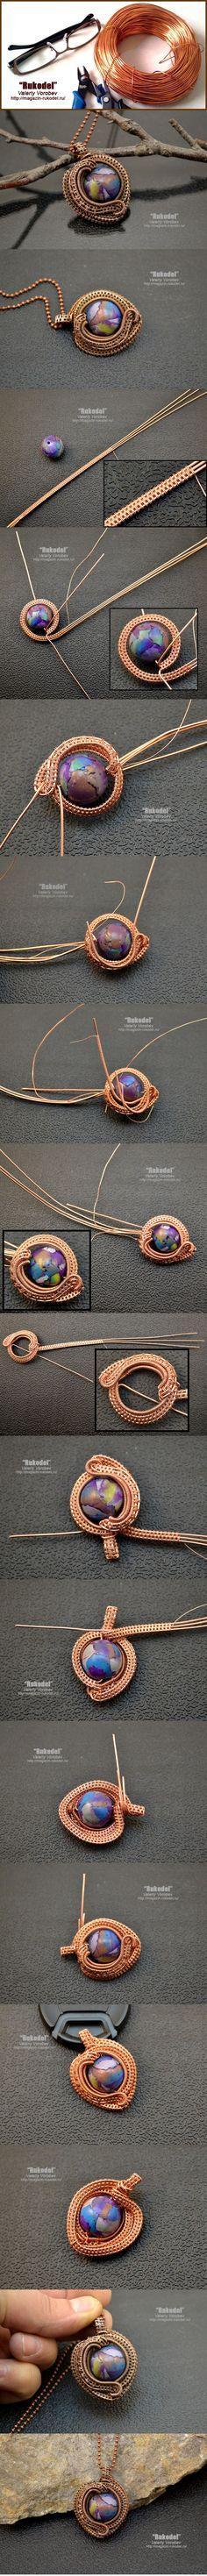 tuto pour cerner une perle avec du fil métallique